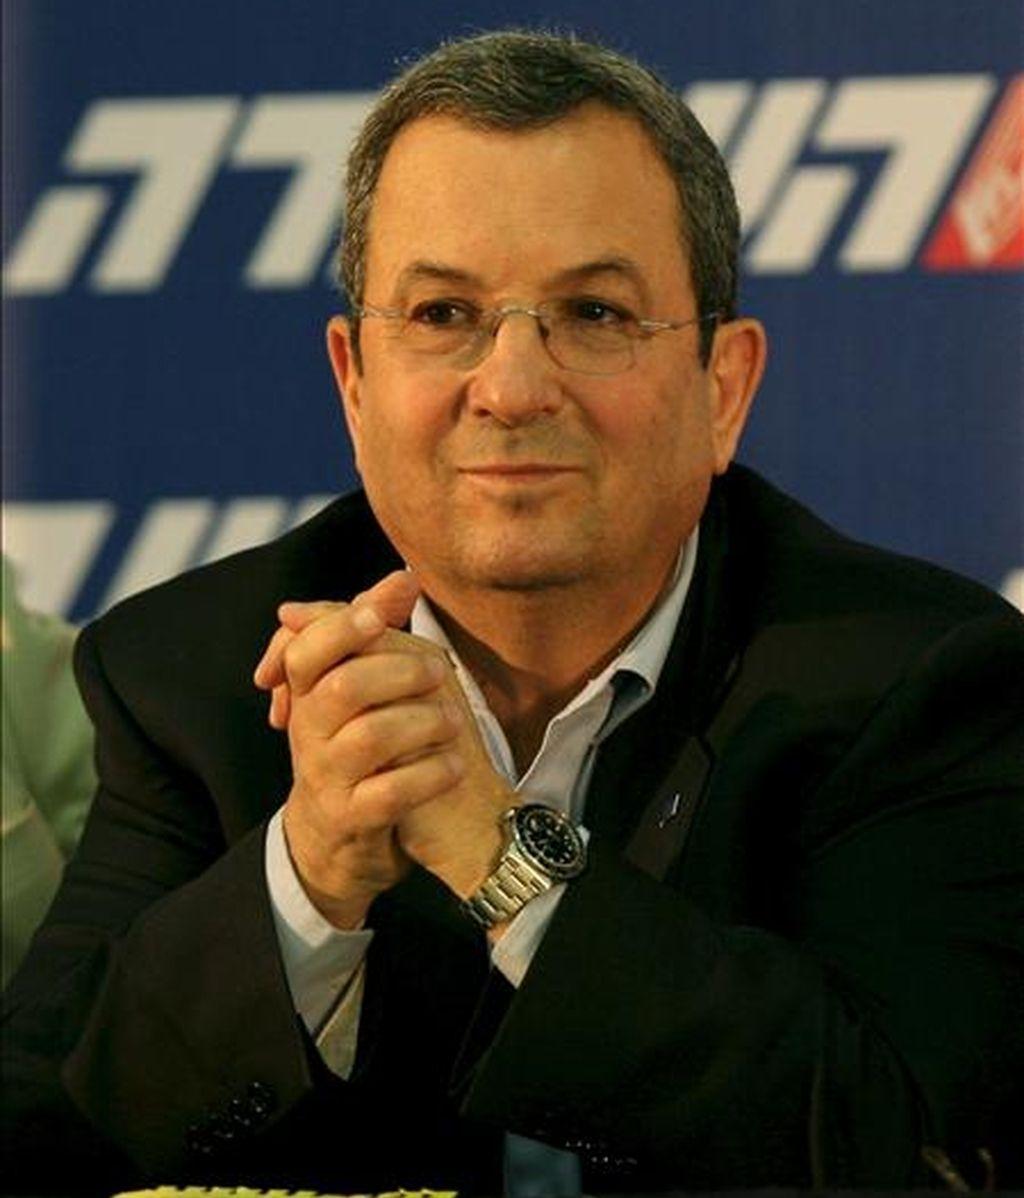 Foto del 24 de marzo de 2009 del ministro de Defensa israelí, Ehud Barak, que seguirá en el cargo con el nuevo Gobierno de Benjamín Netanyahu. EFE